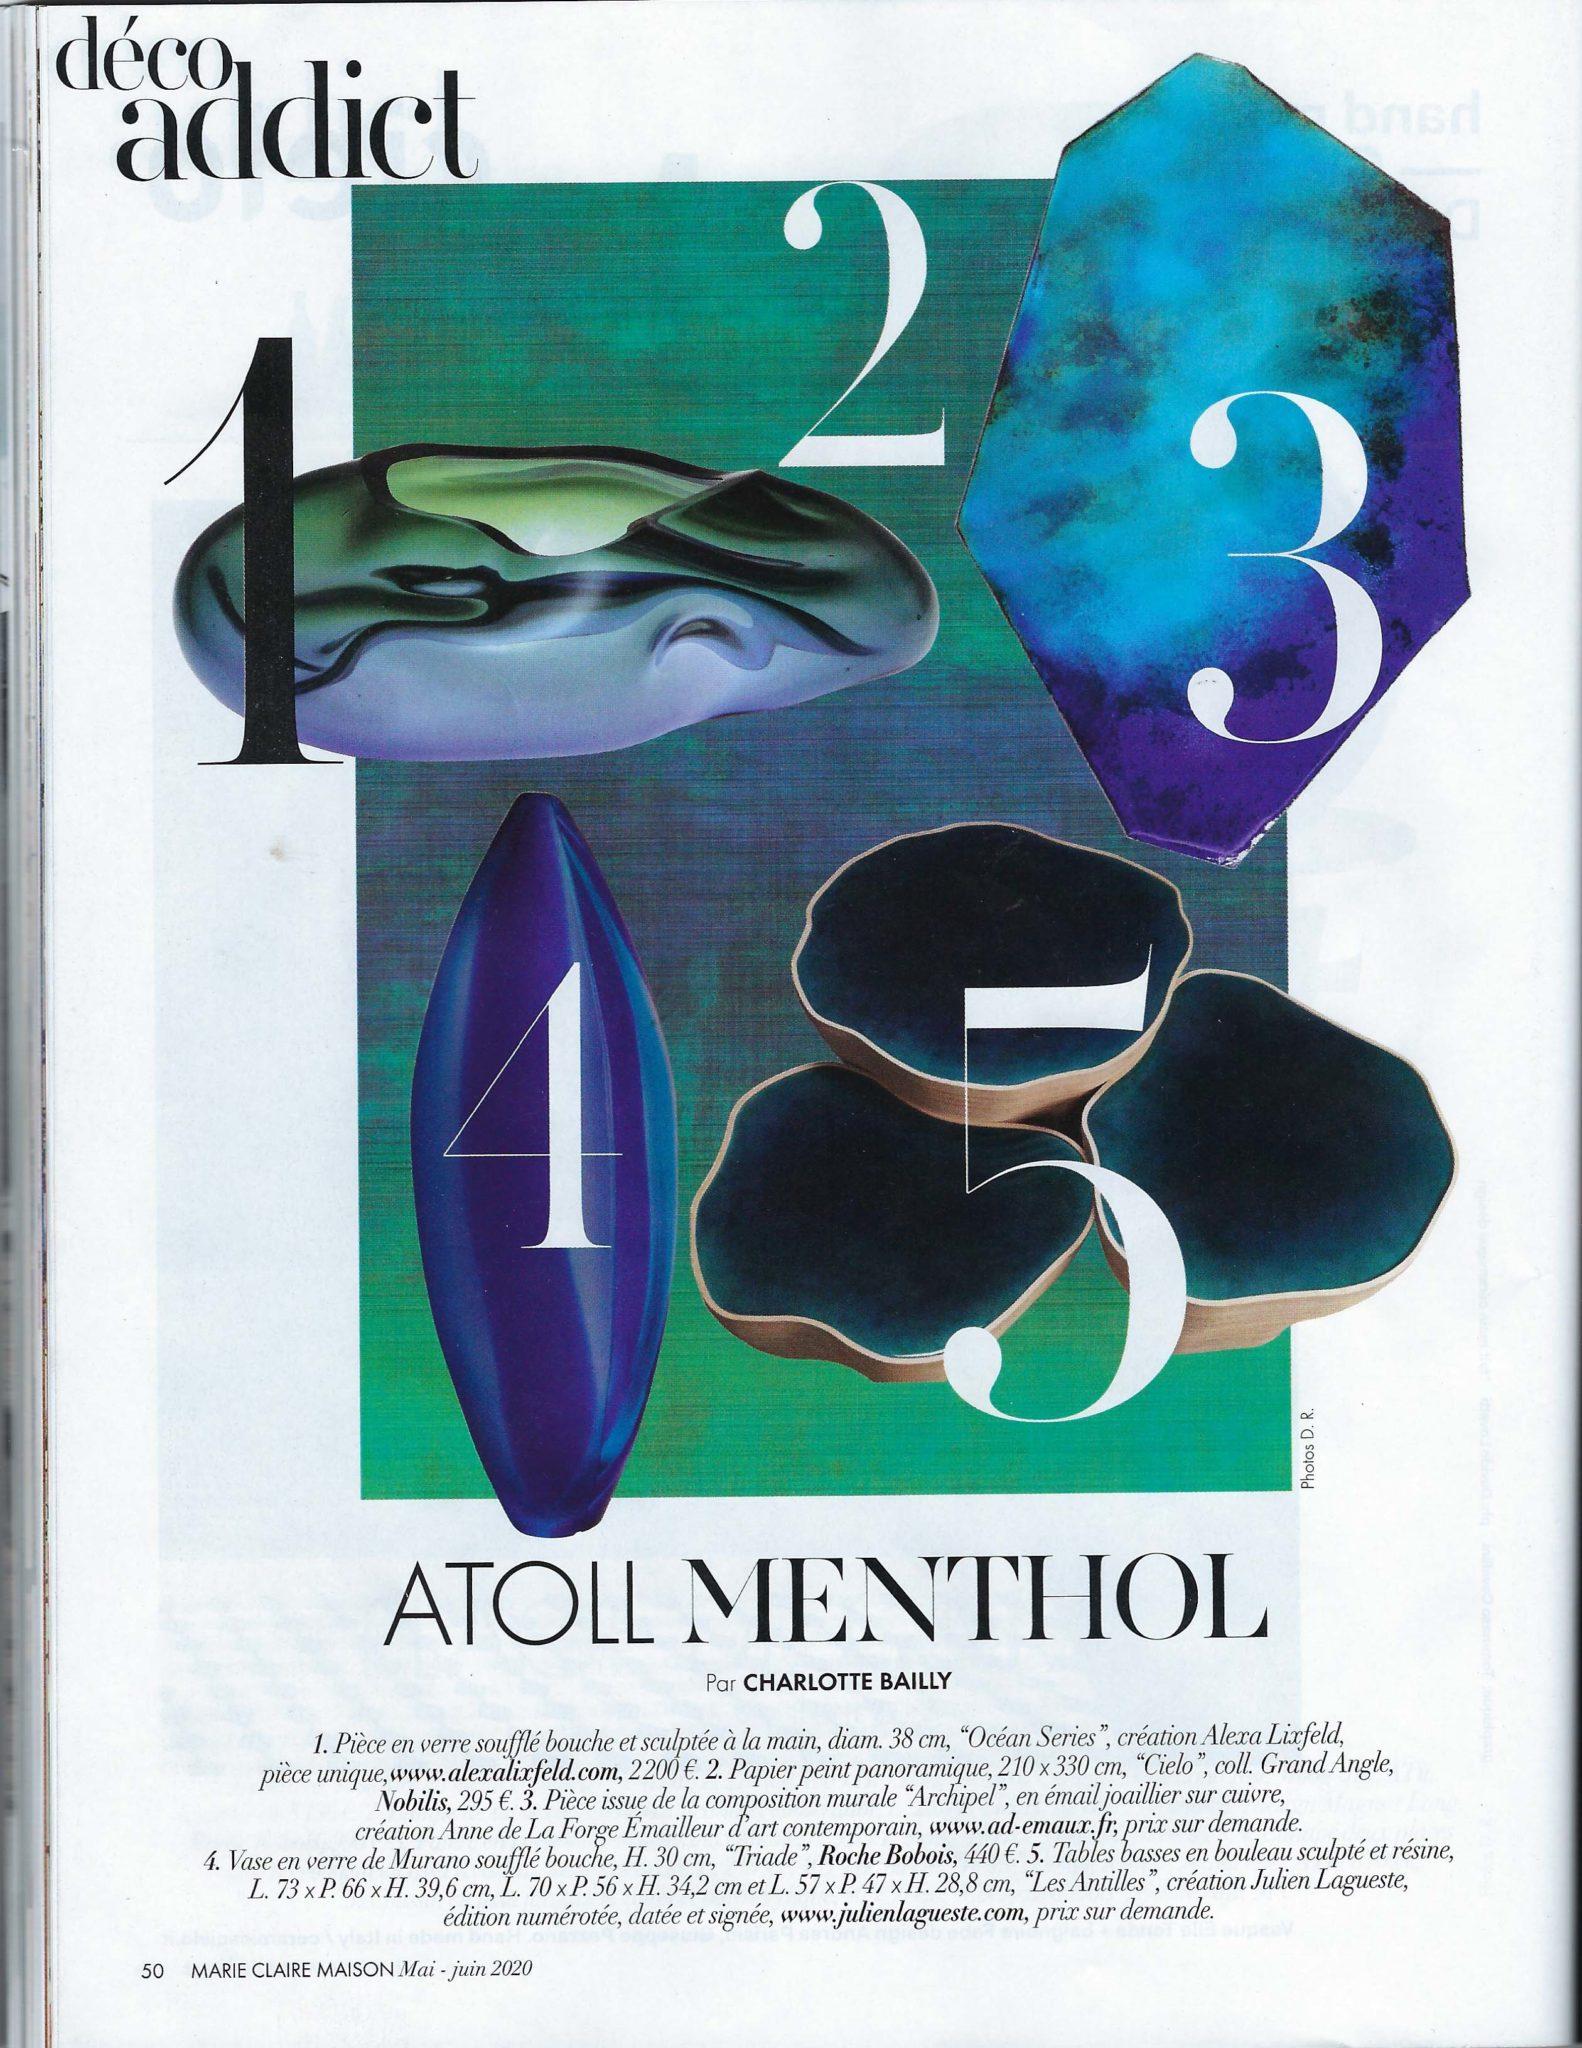 page déco addict dans presse magazine Marie -Claire Maison mai juin 2020 – tendances 2020 - art mural création Anne de La Forge